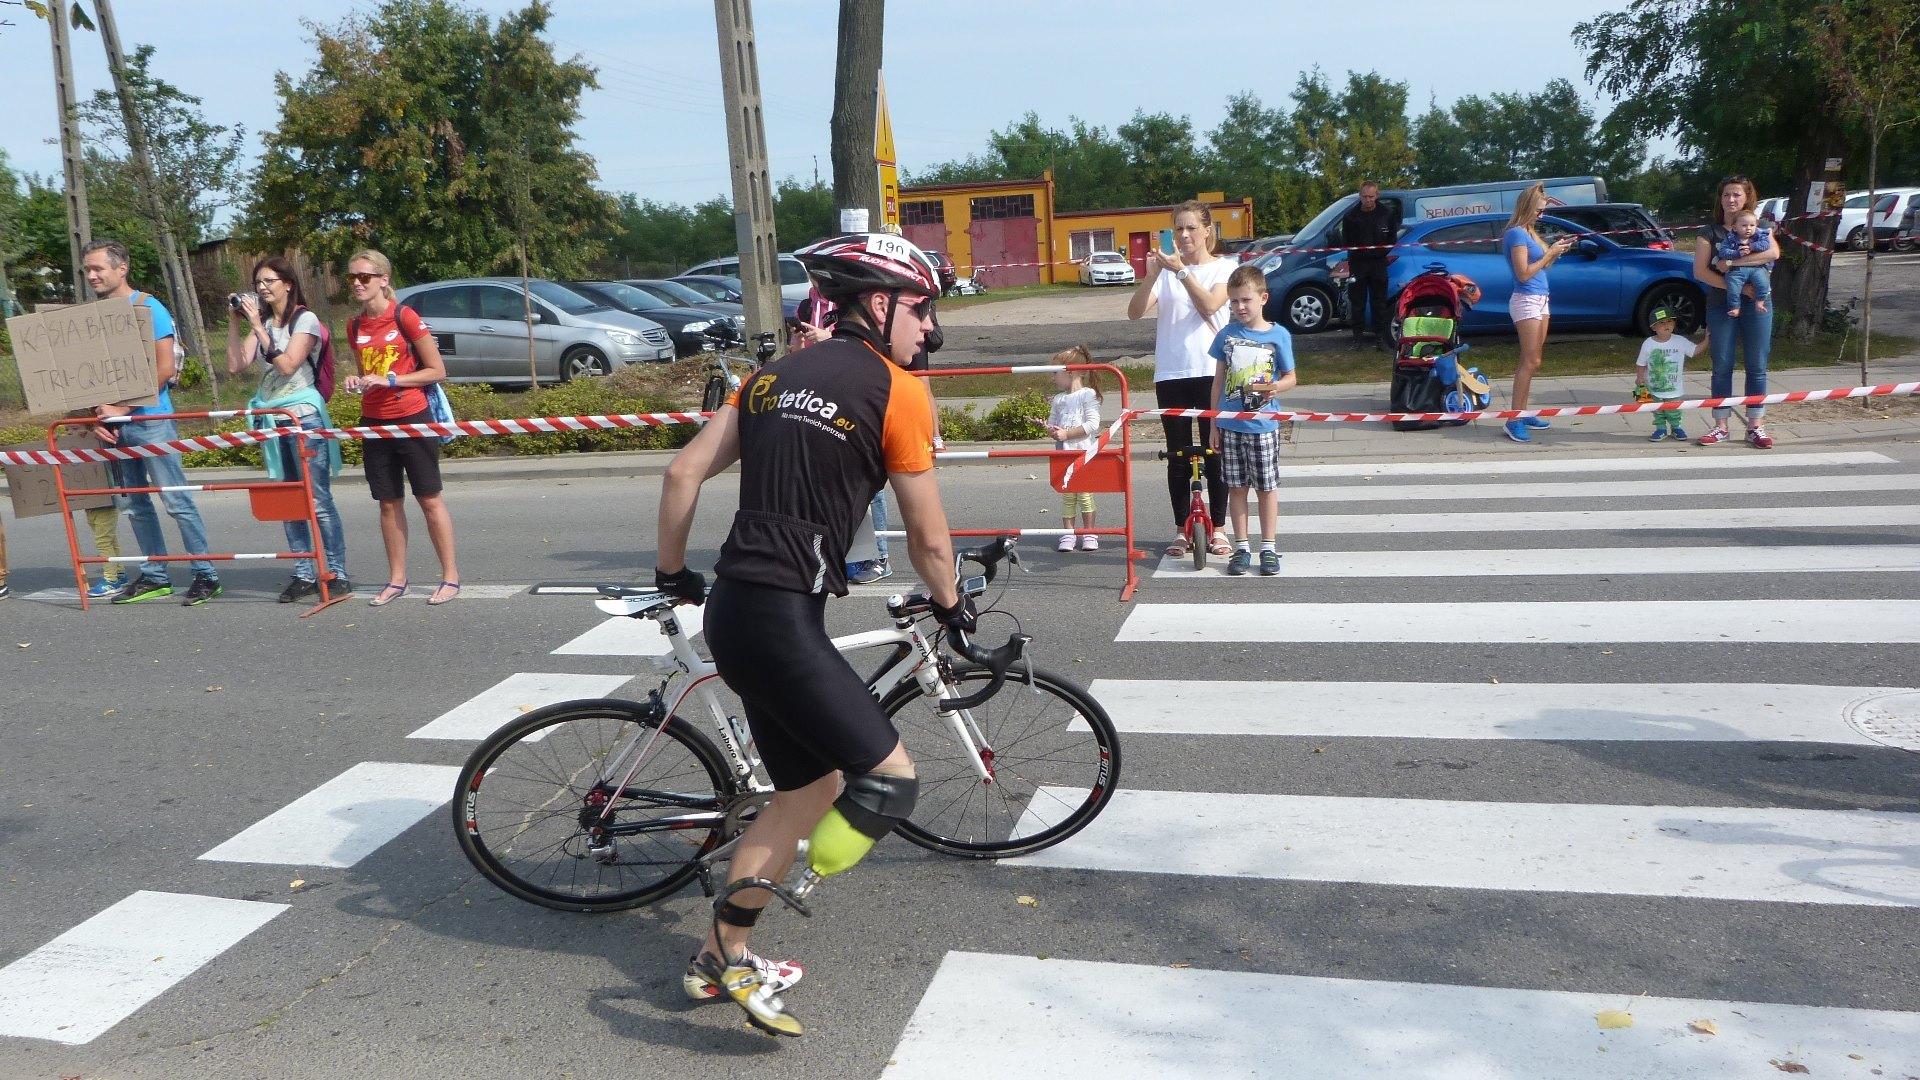 kamil-aleksejew-moj-pierwszy-triathlon-cyklomaniacy-12